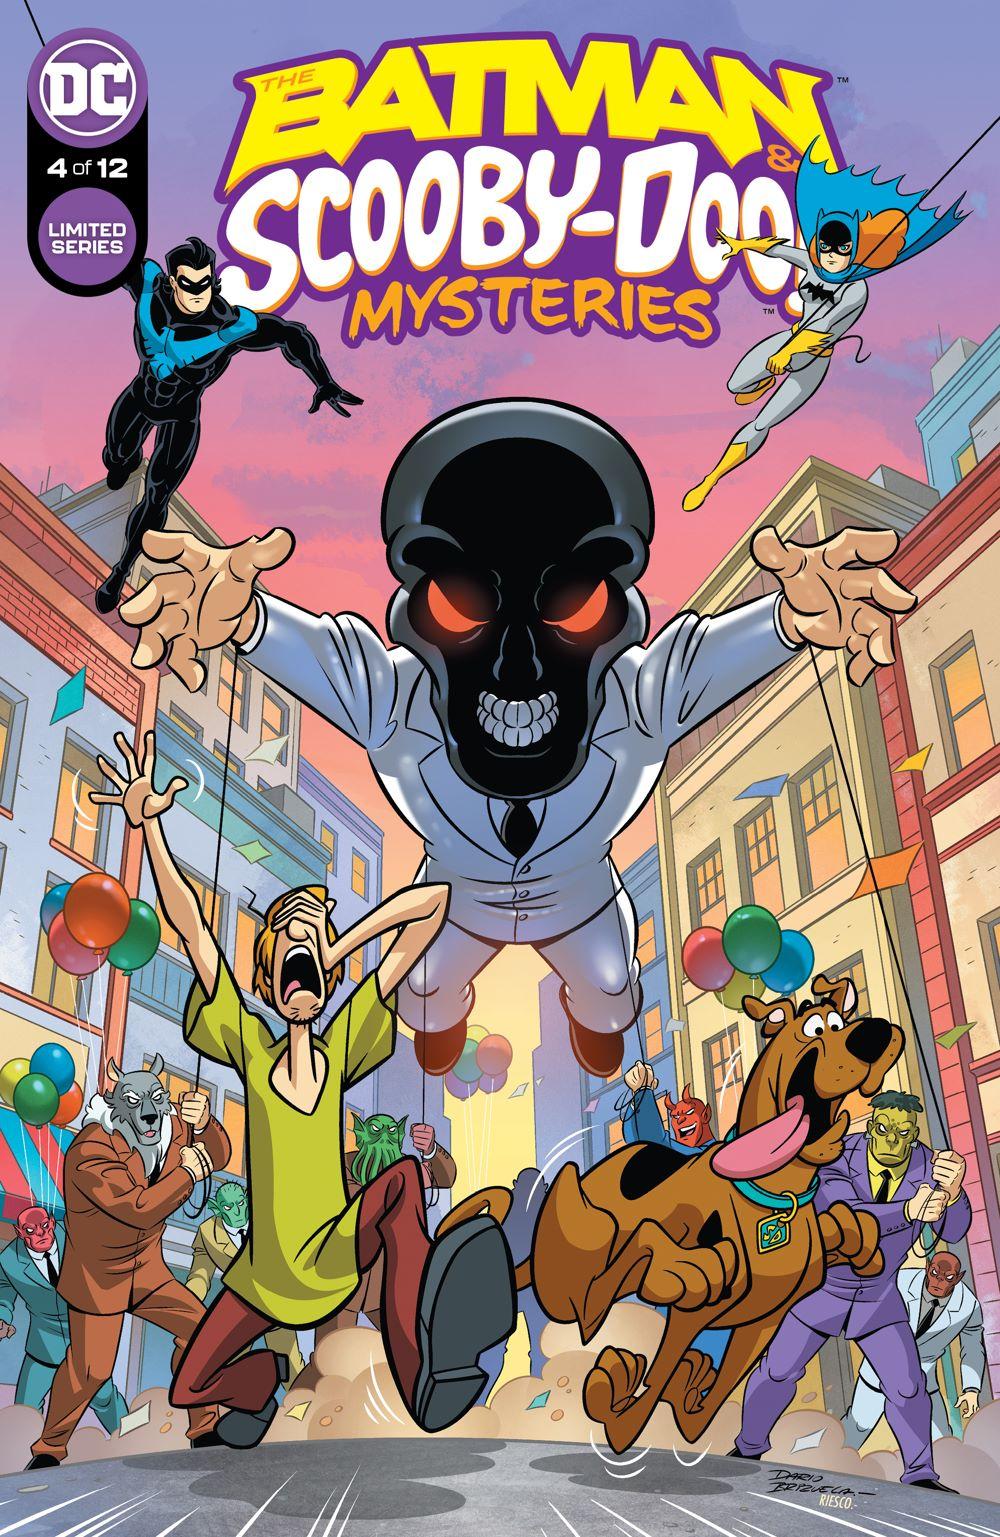 BMSCOOBY_Cv4 DC Comics July 2021 Solicitations